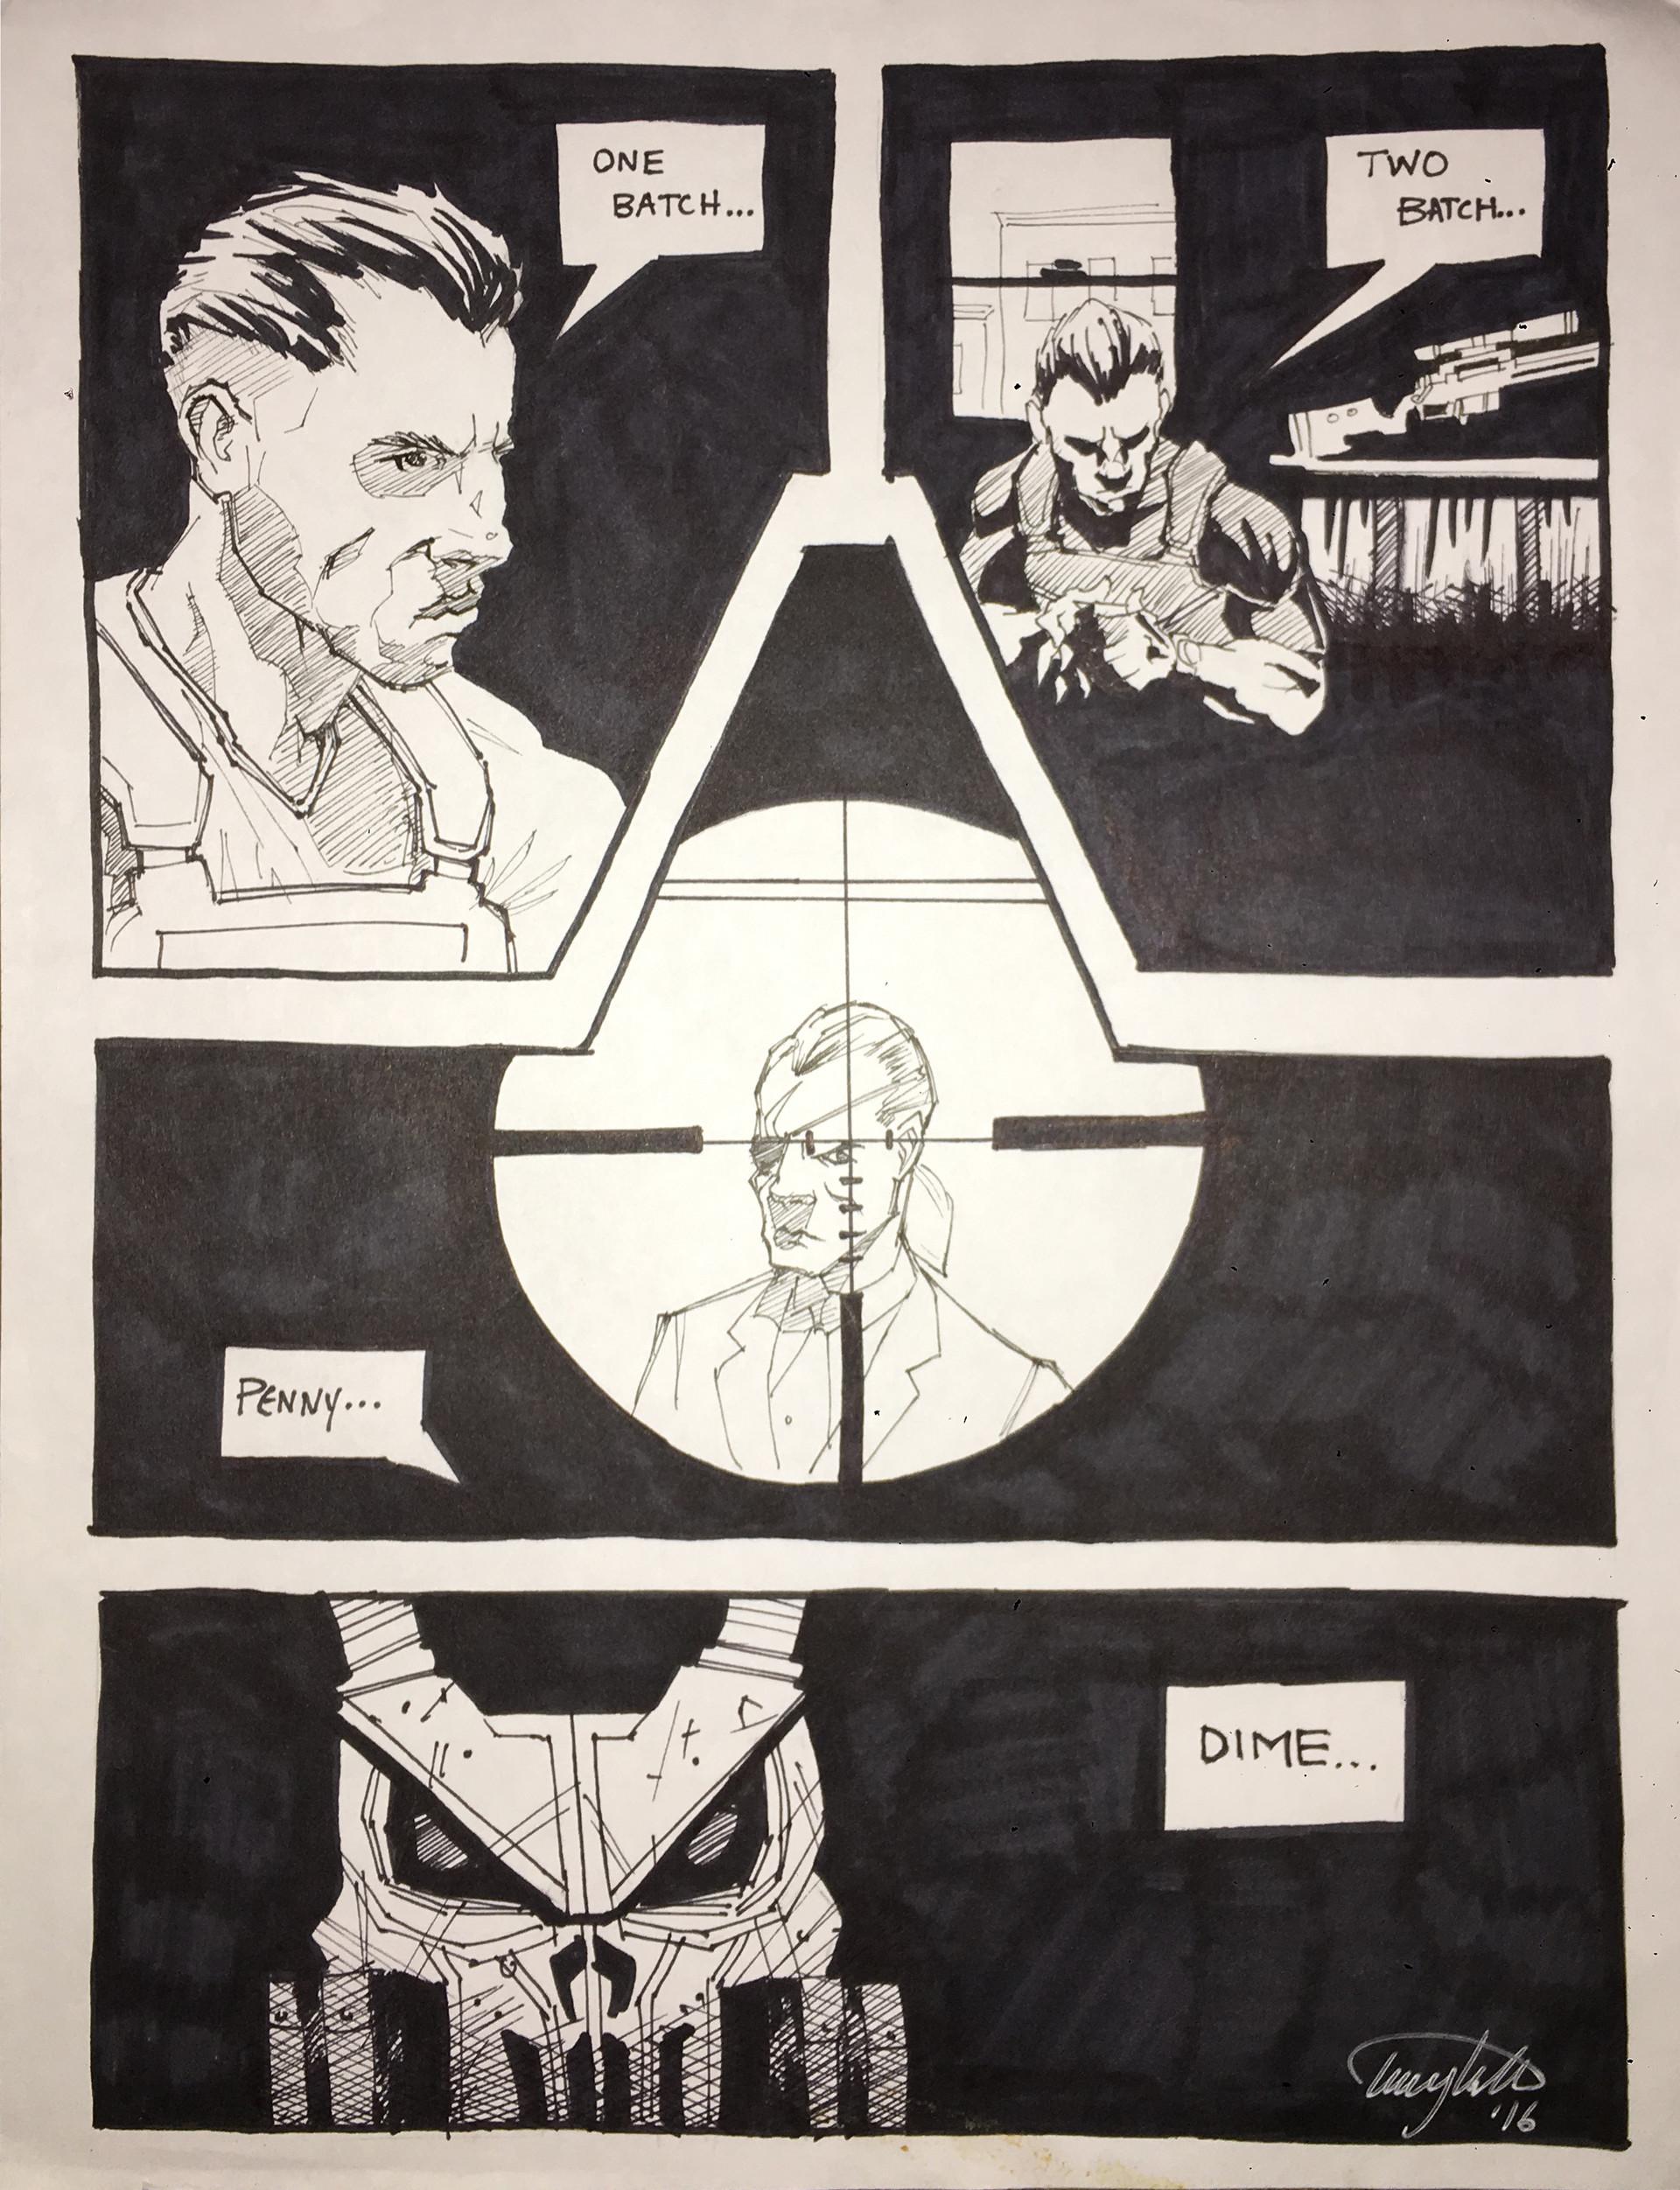 The Punisher - Enizine CSUN - Issue 8, 2017